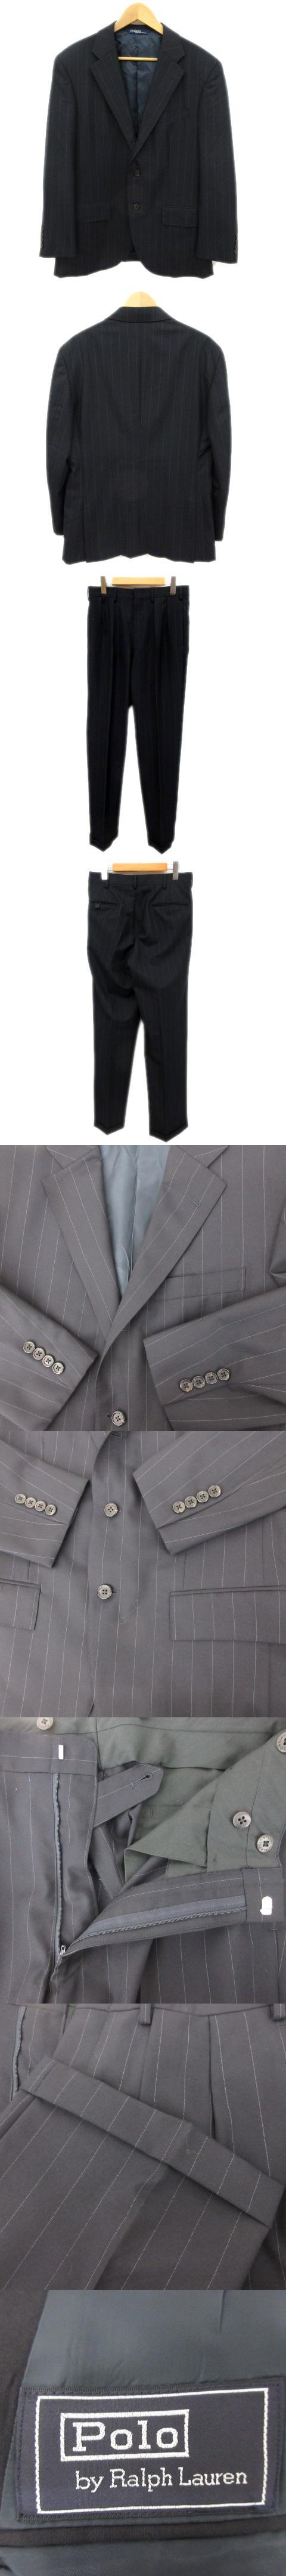 ウール100% ストライプ セットアップ スーツ ビジネス ジャケット スラックス パンツ ダブル ネイビー メンズ/M92